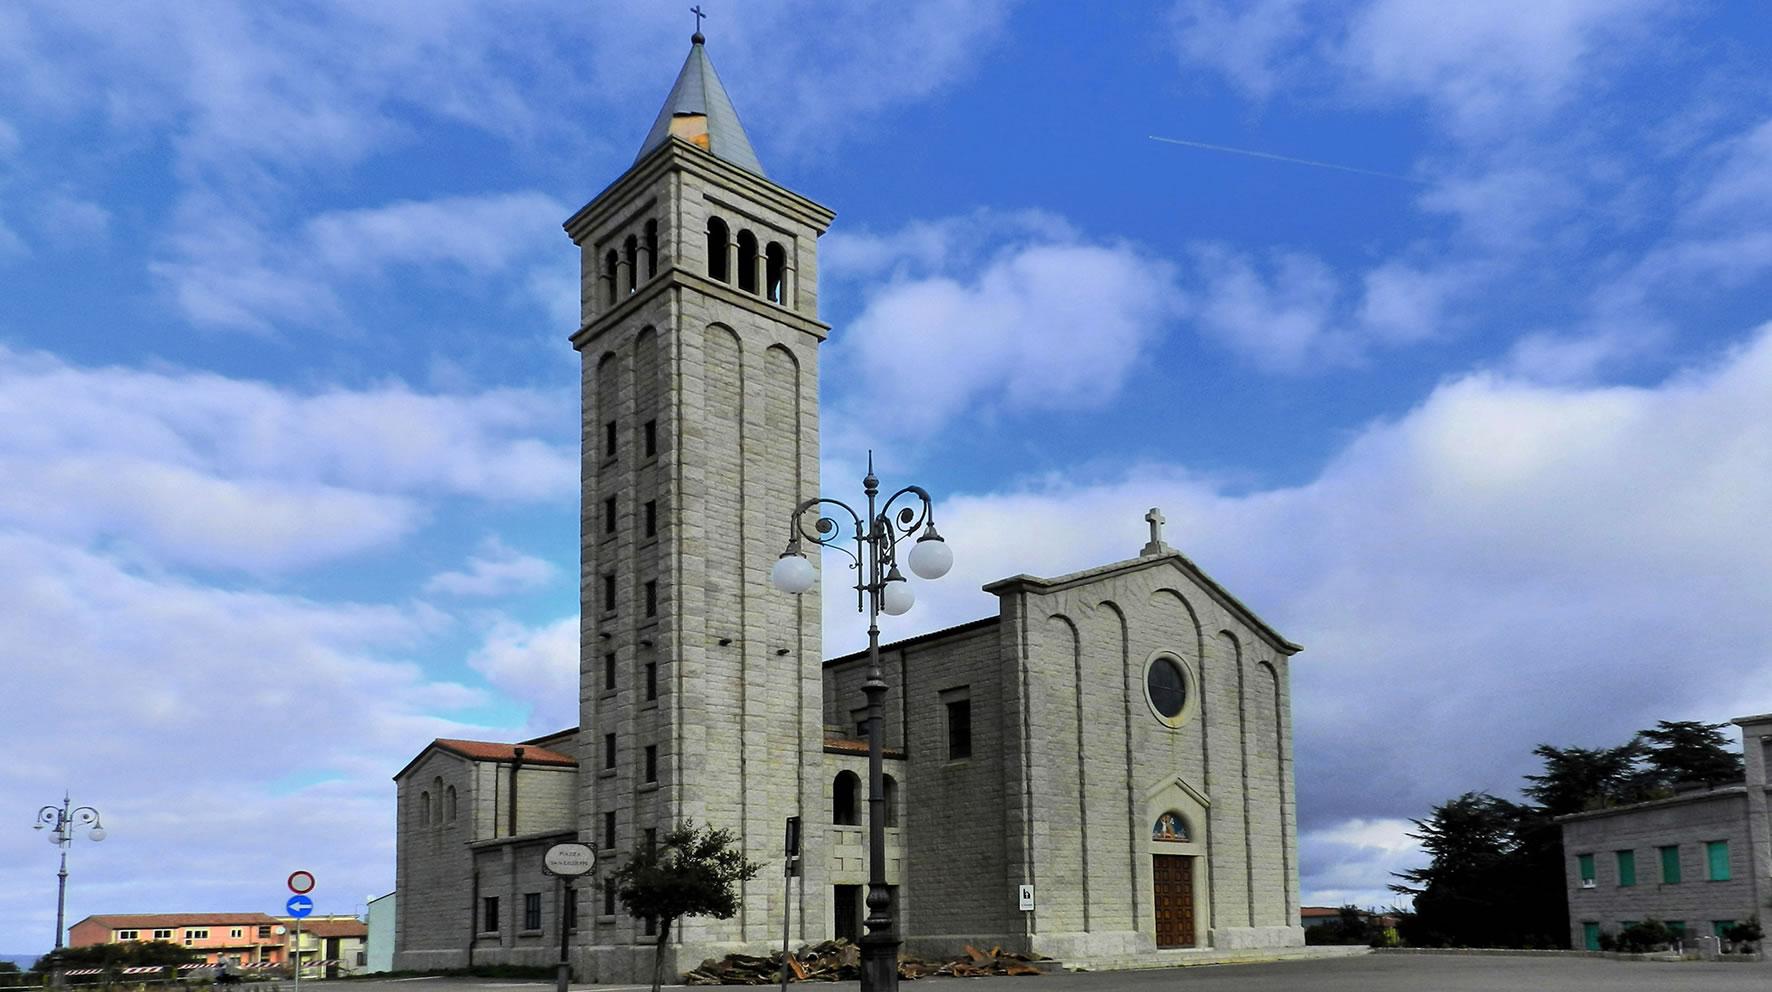 Chiesa di San Giuseppe, Tempio Pausania